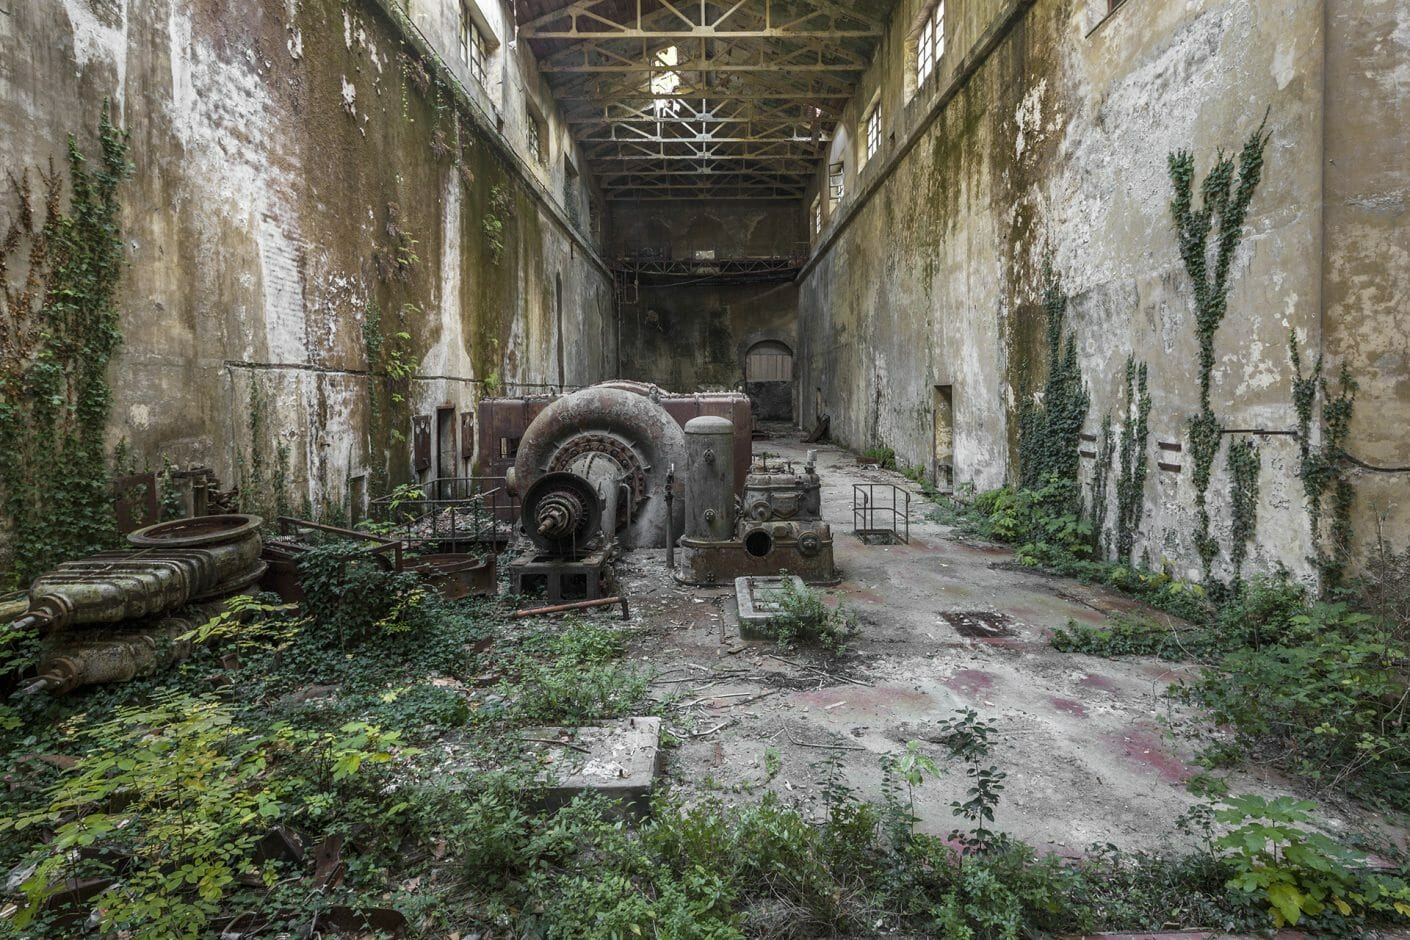 Photographie d'une salle d'une ancienne centrale électrique dont le sol est recouvert de plantes. Du lierre grimpe aux murs.